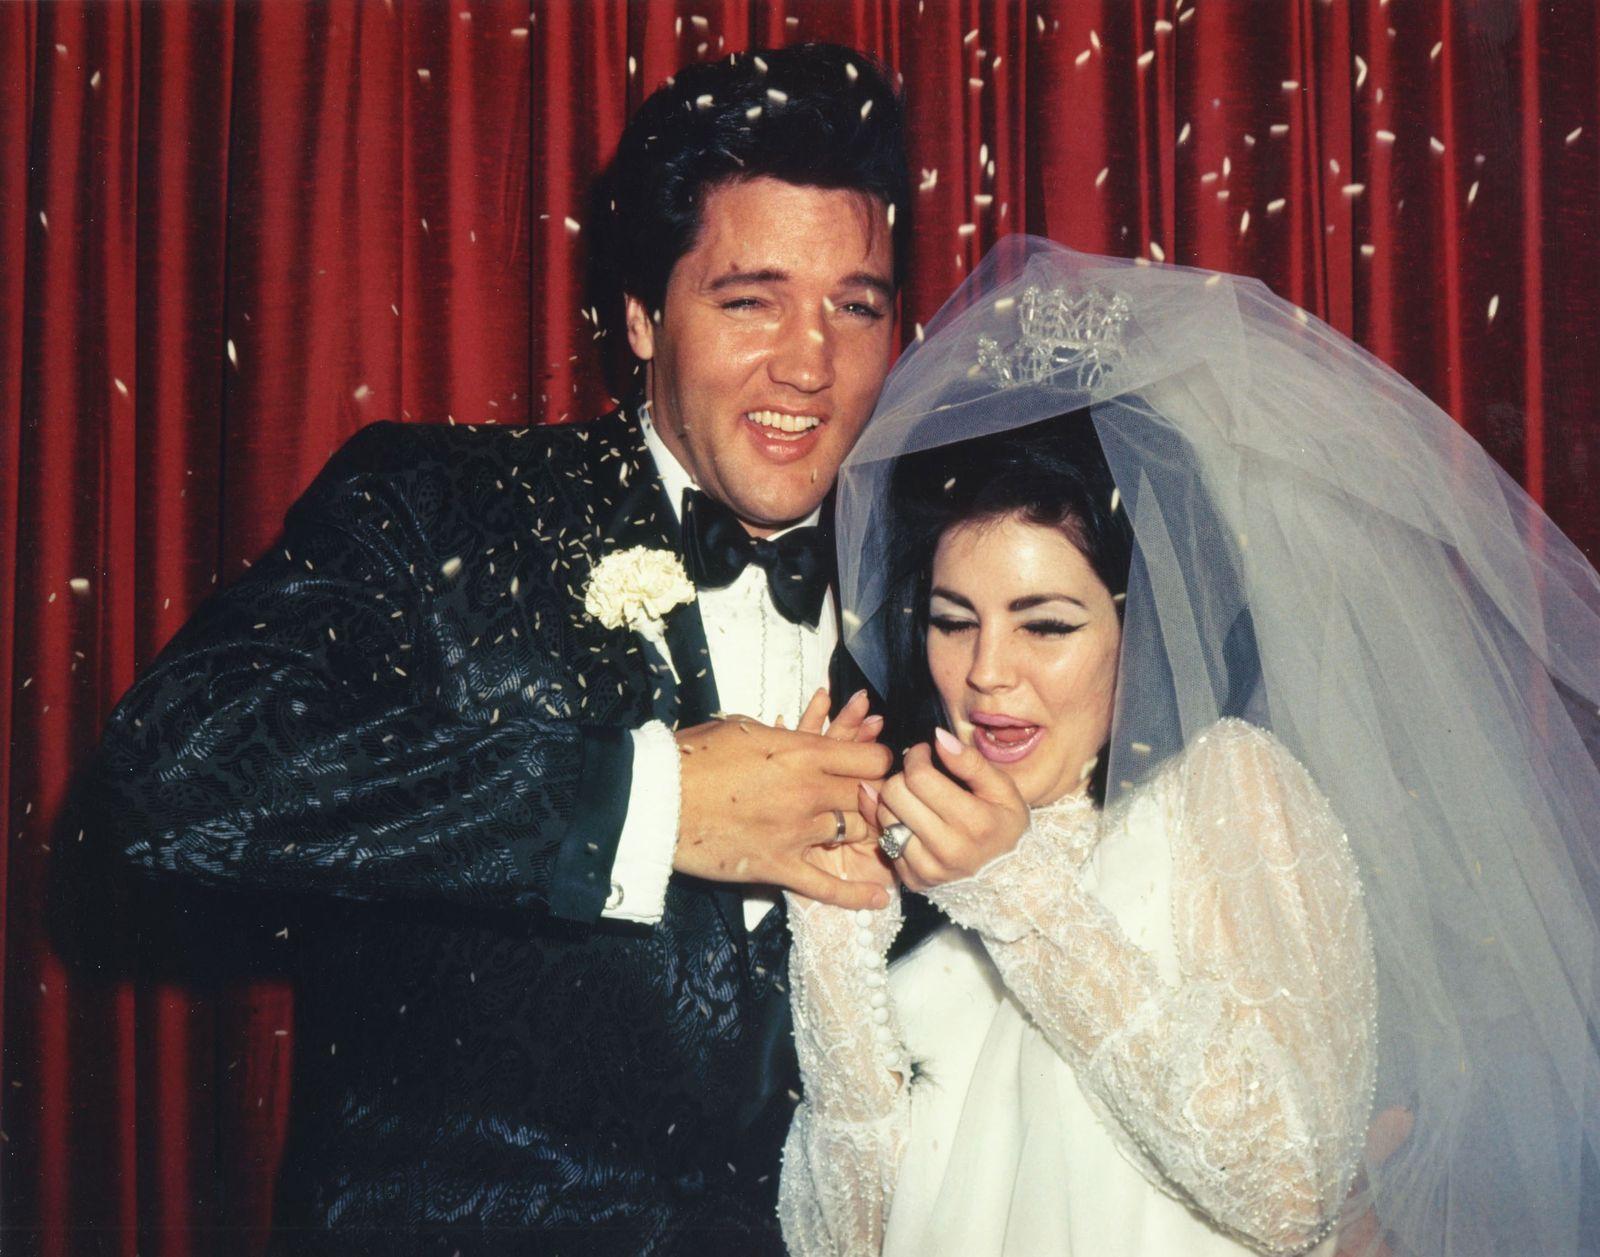 Elvis Presley - Photo of Elvis Presley & Priscilla Presley